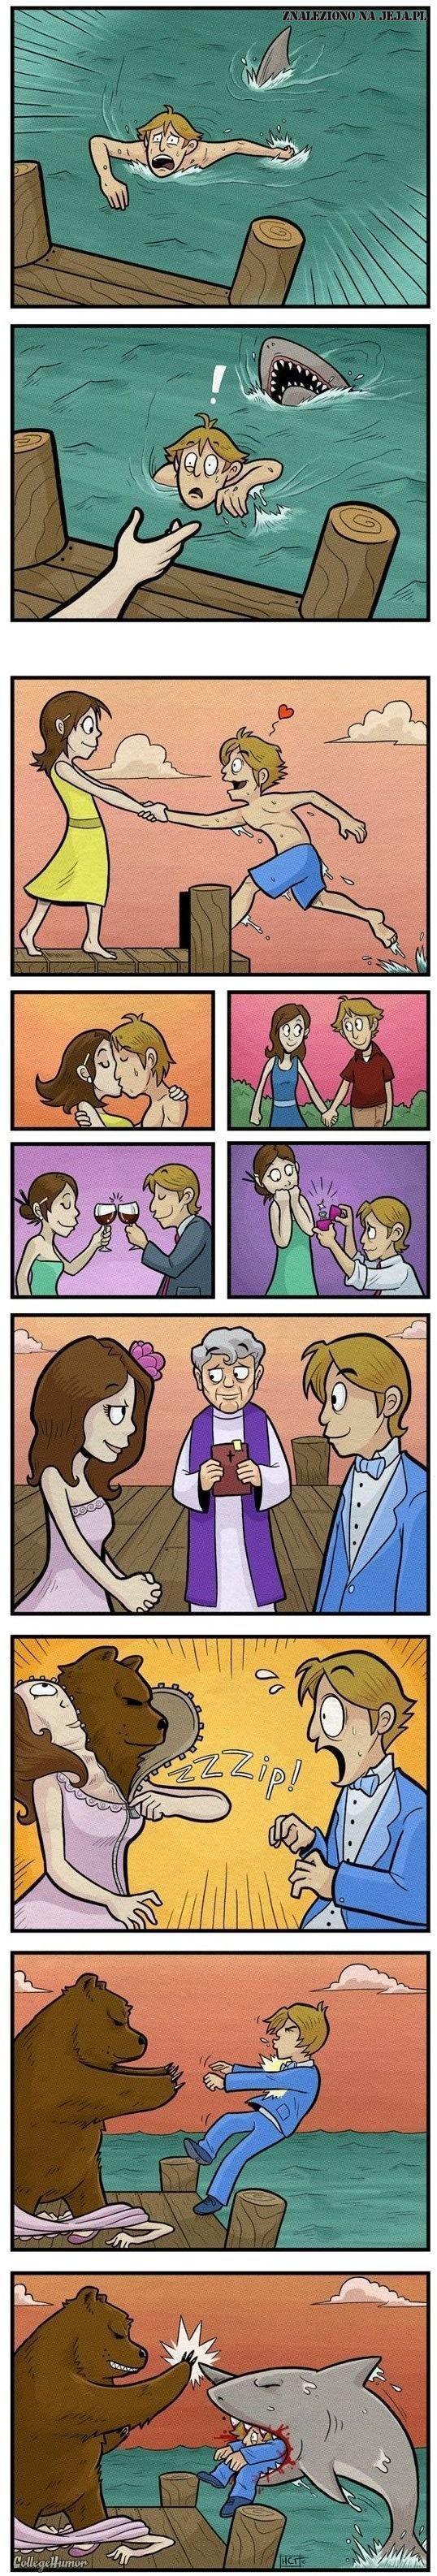 Komiks o prawdziwej miłości